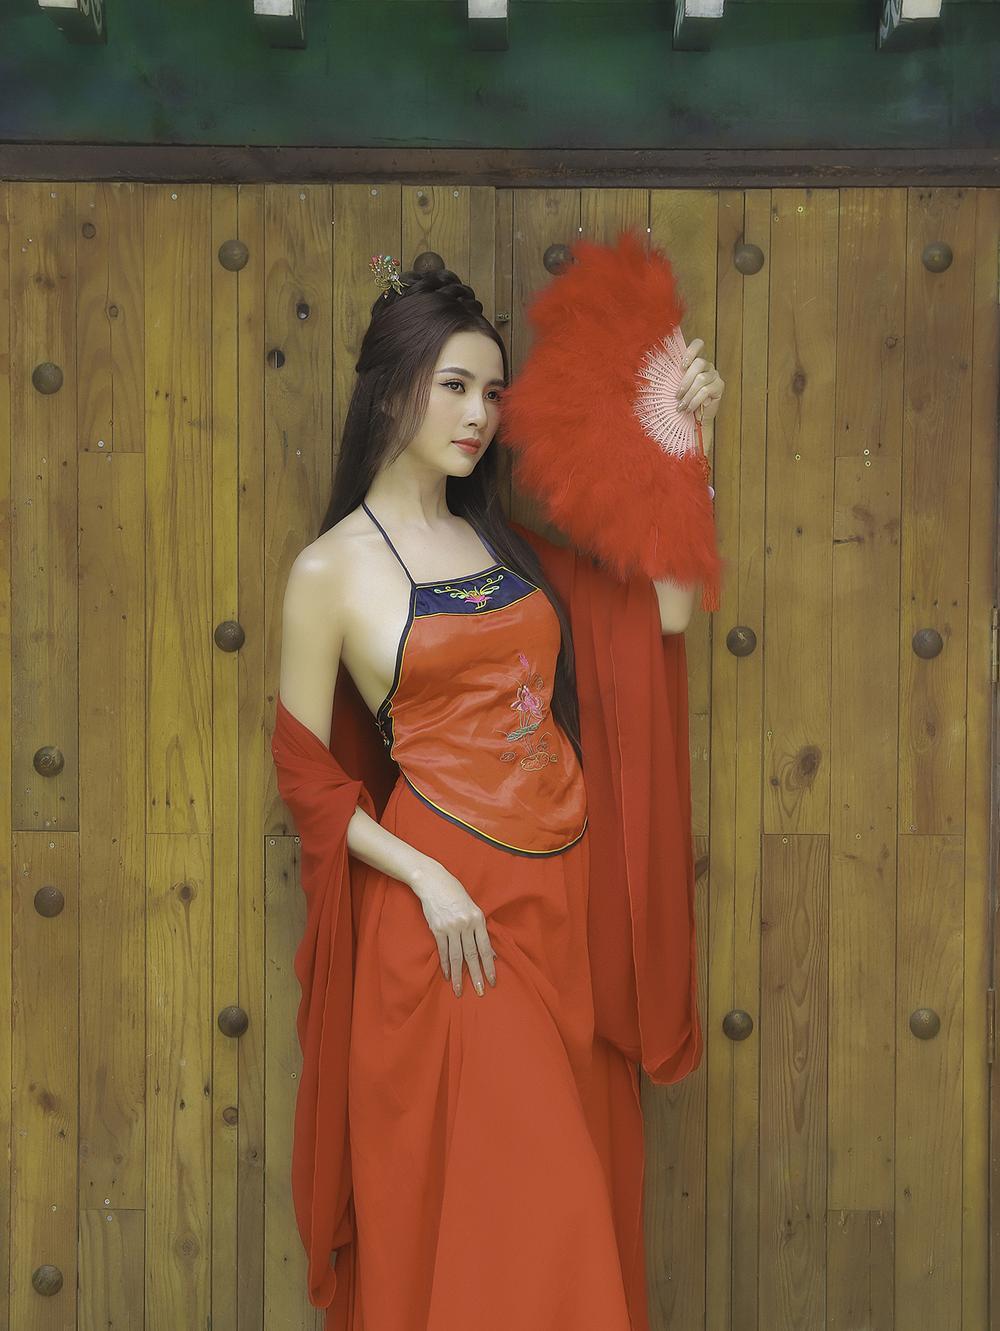 Phan Thị Mơ hóa tiên nữ, hững hờ thềm ngực quyến rũ mê hồn Ảnh 6